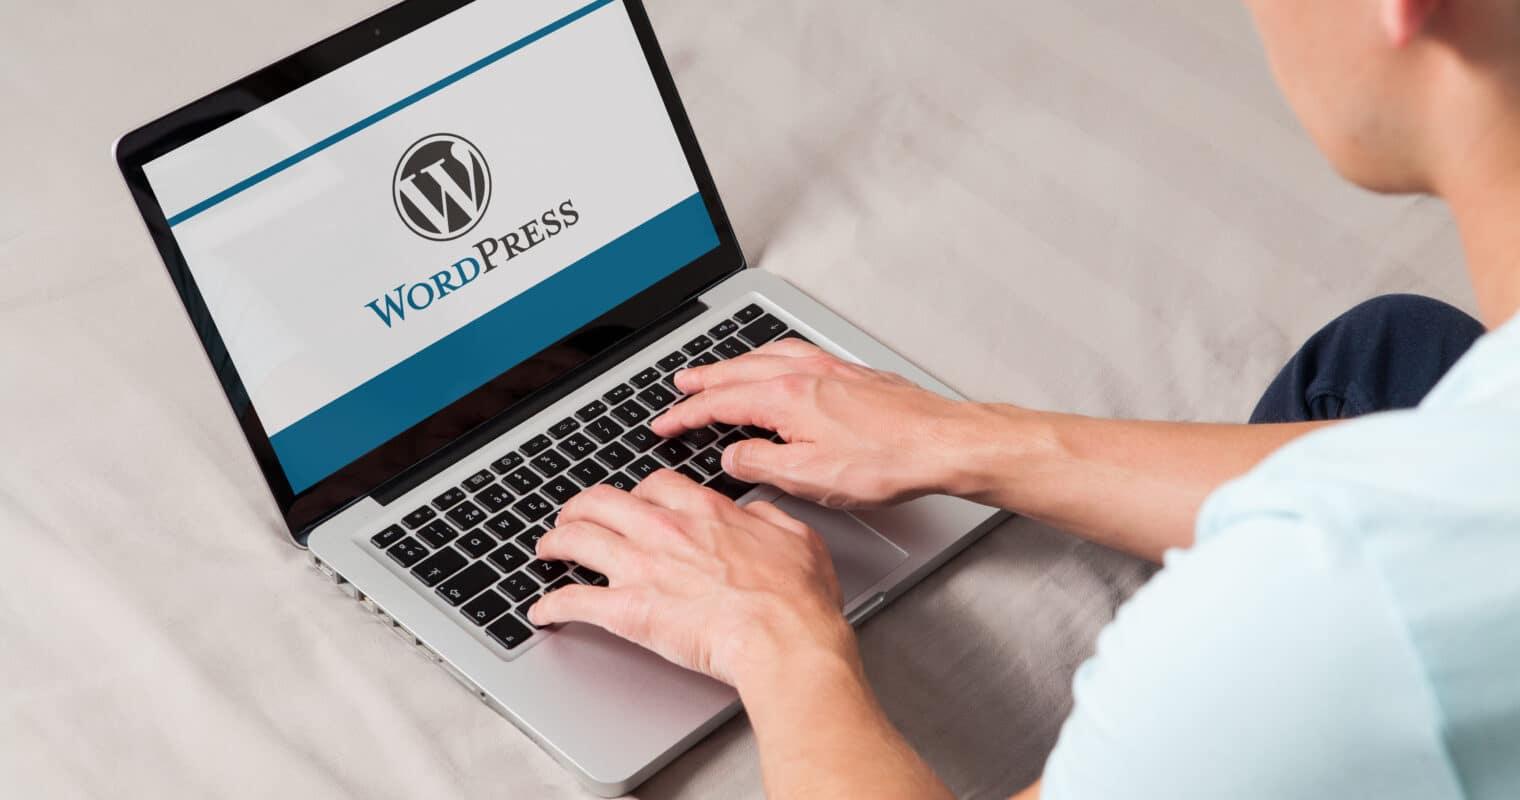 Someone using wordpress on their laptop